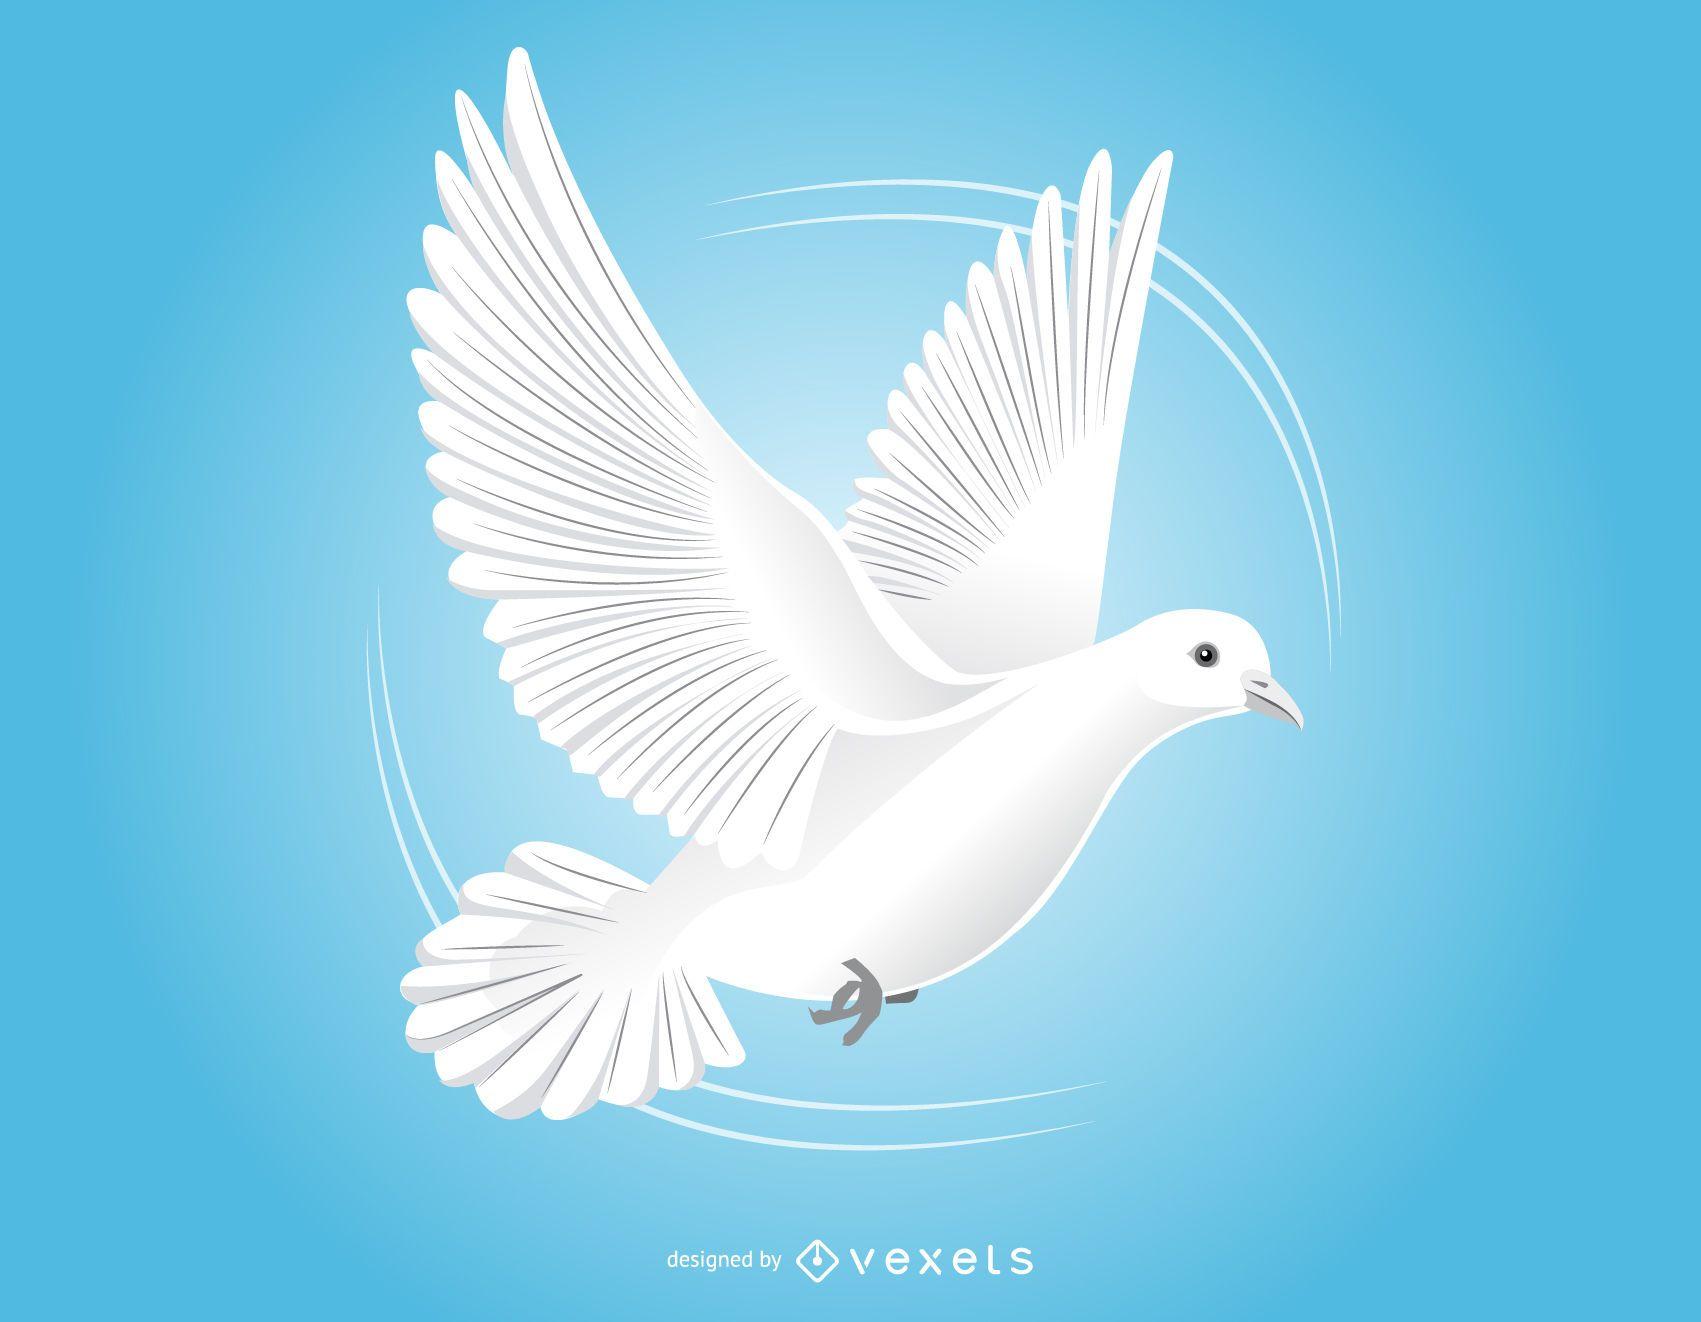 Dibujo de paloma voladora en blanco y negro